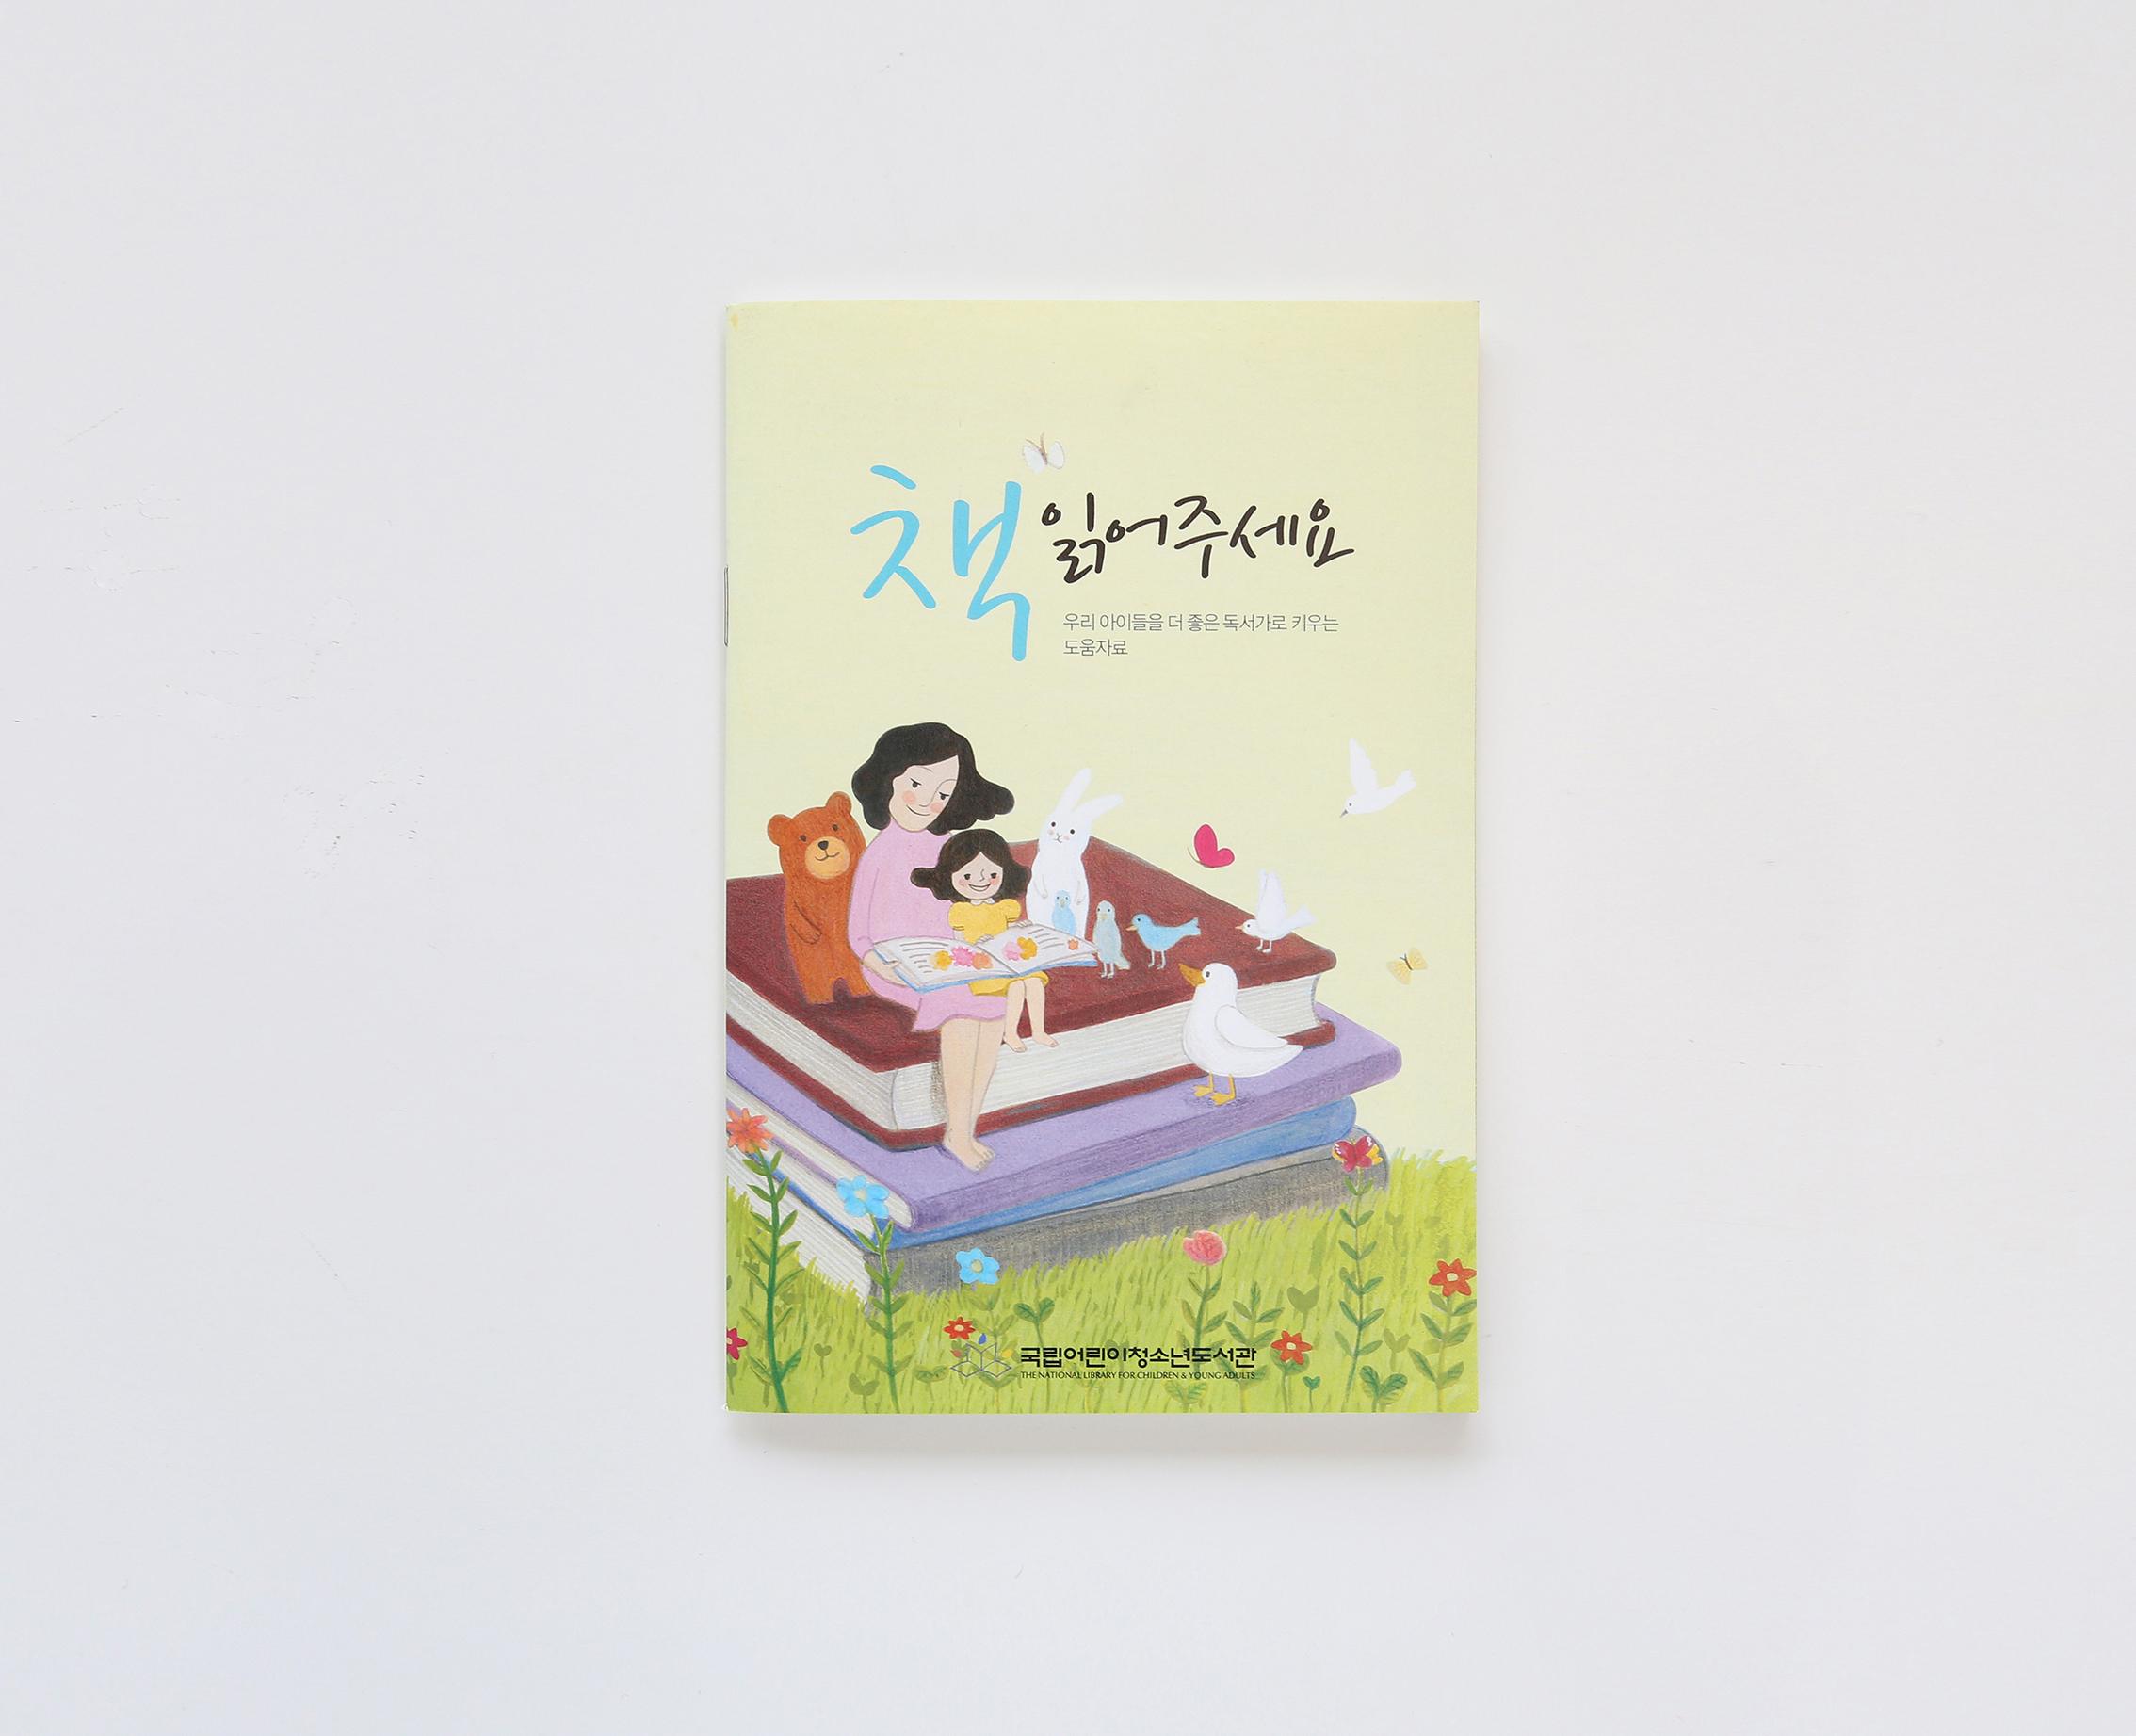 2011-책읽어주세요 (1)